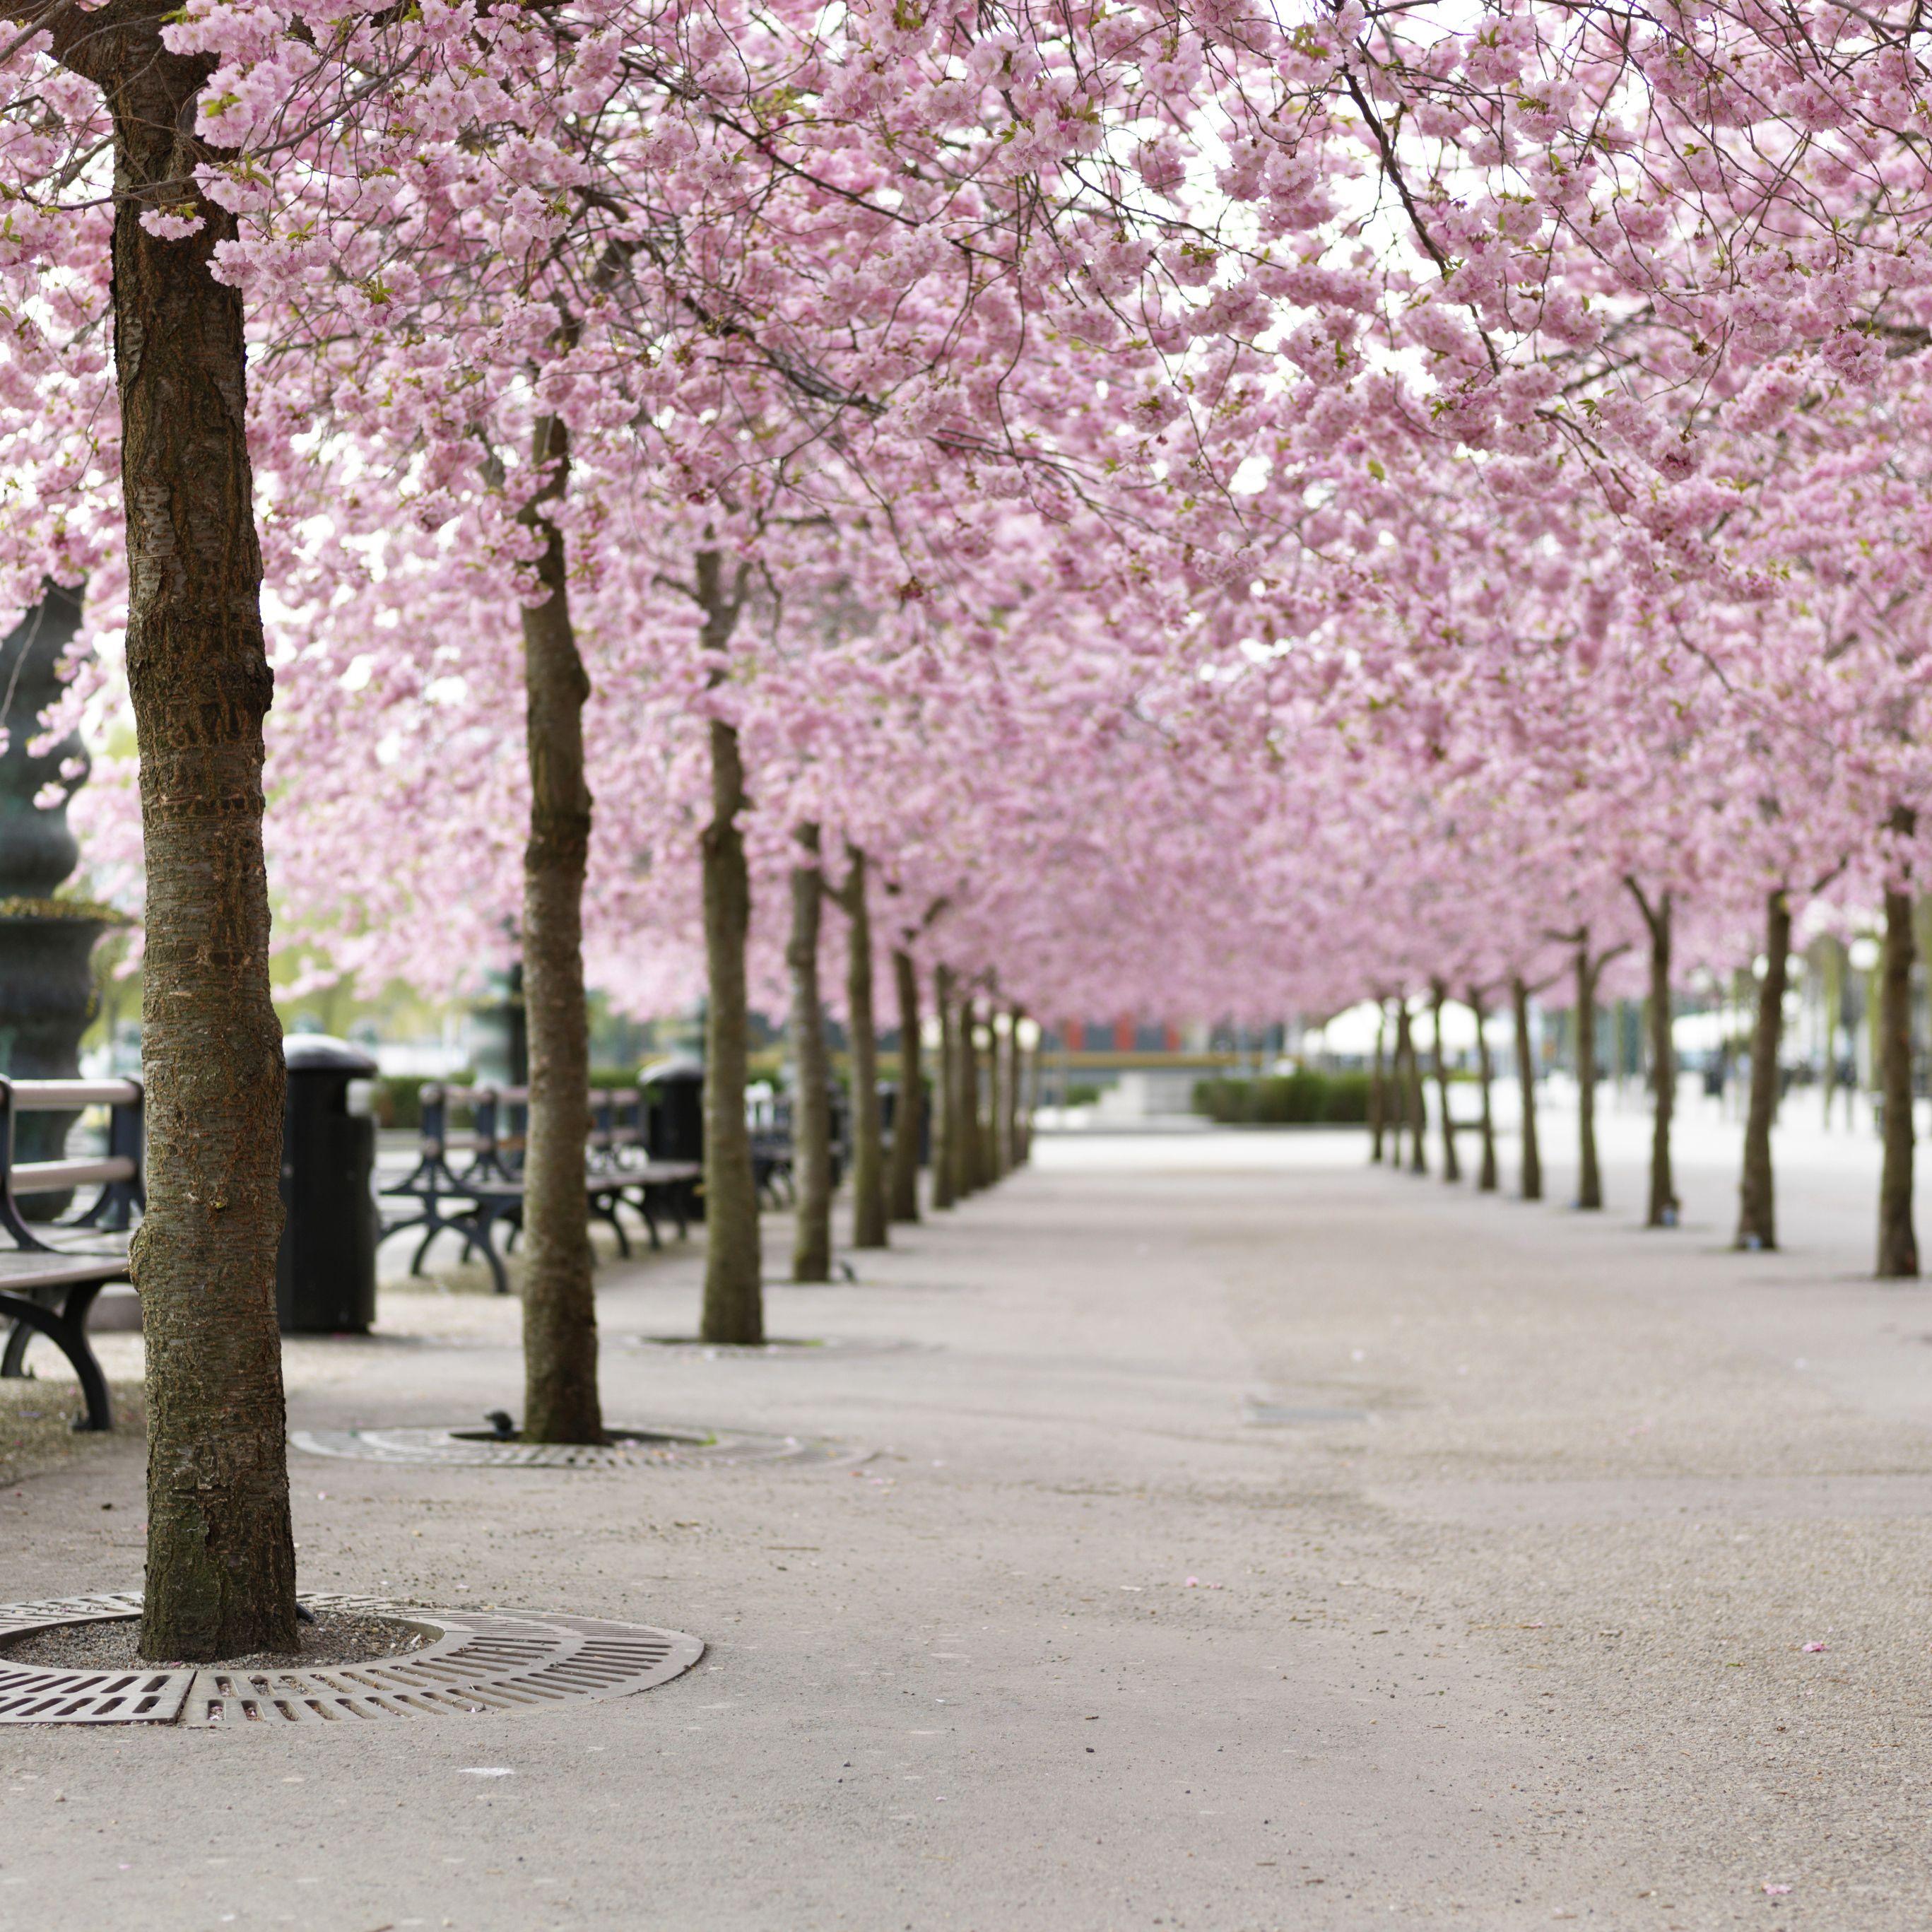 Arbol De Cerezo Japones sakura o la flor del cerezo